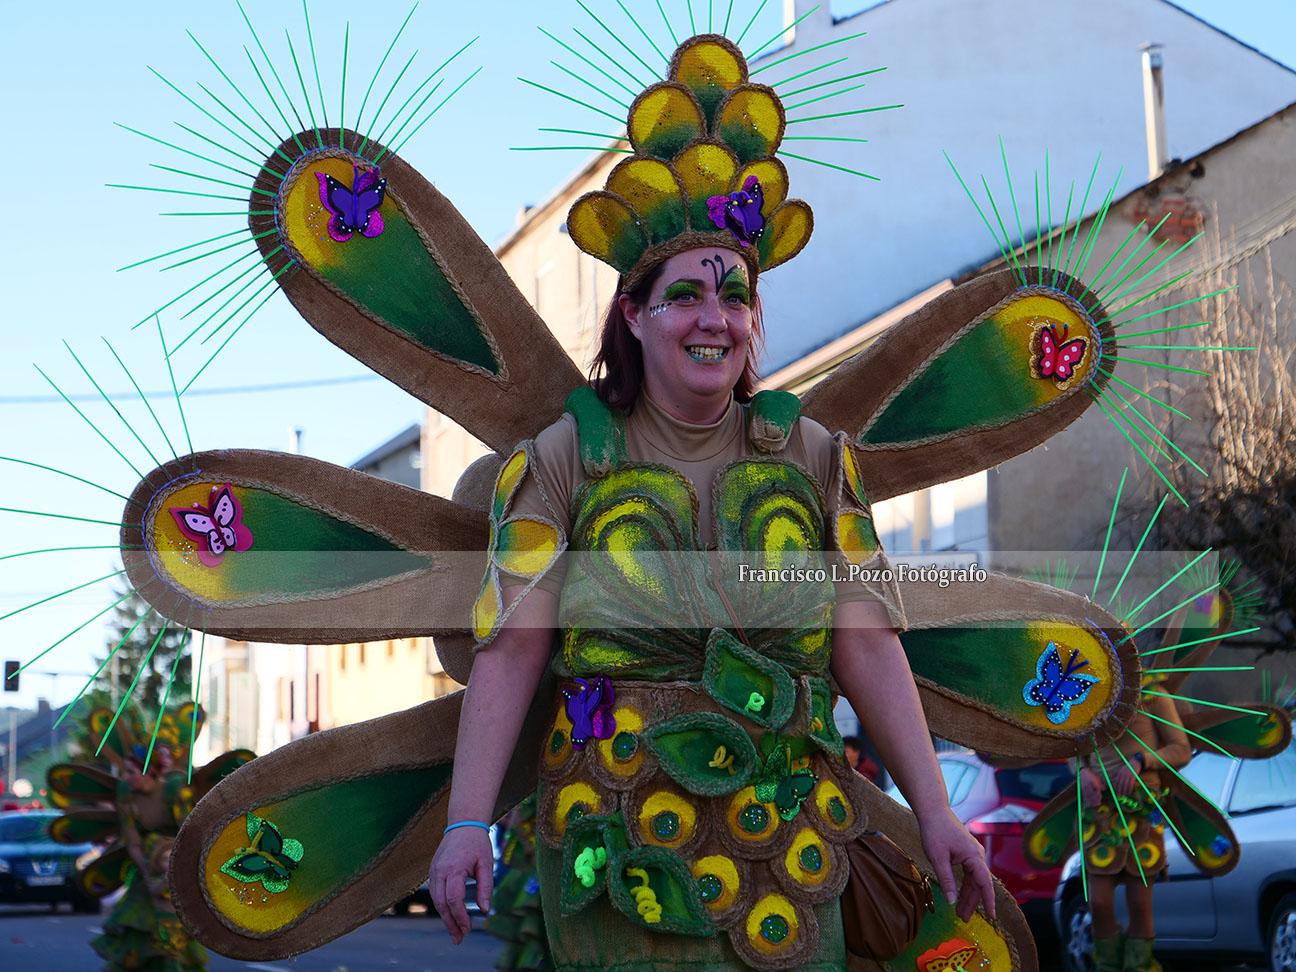 Carnaval 2020: Camponaraya sale a la calle a ritmo de comparsa 87